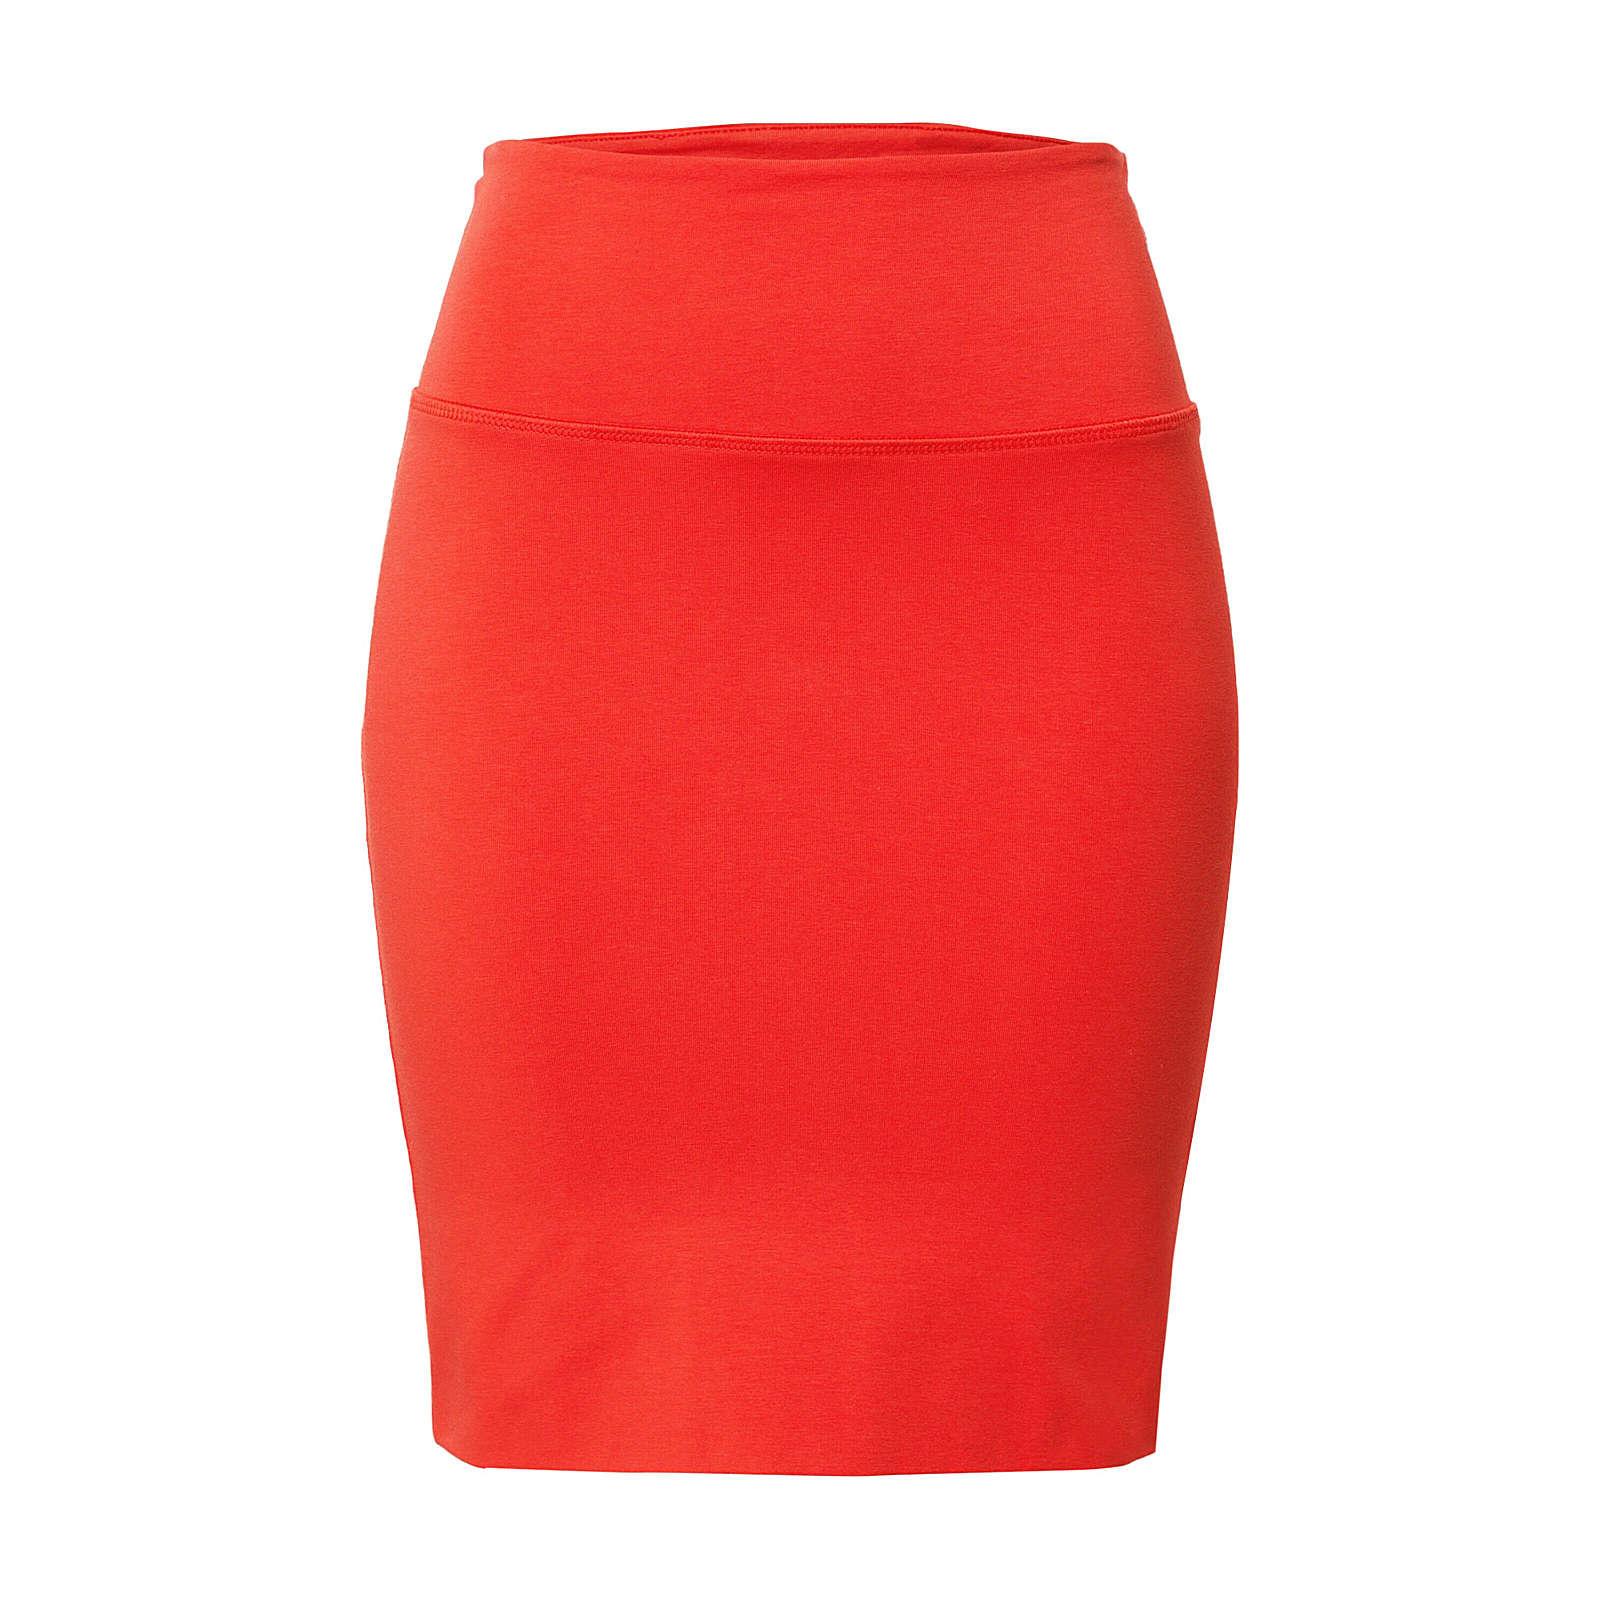 Penny Skirt - High Risk Red